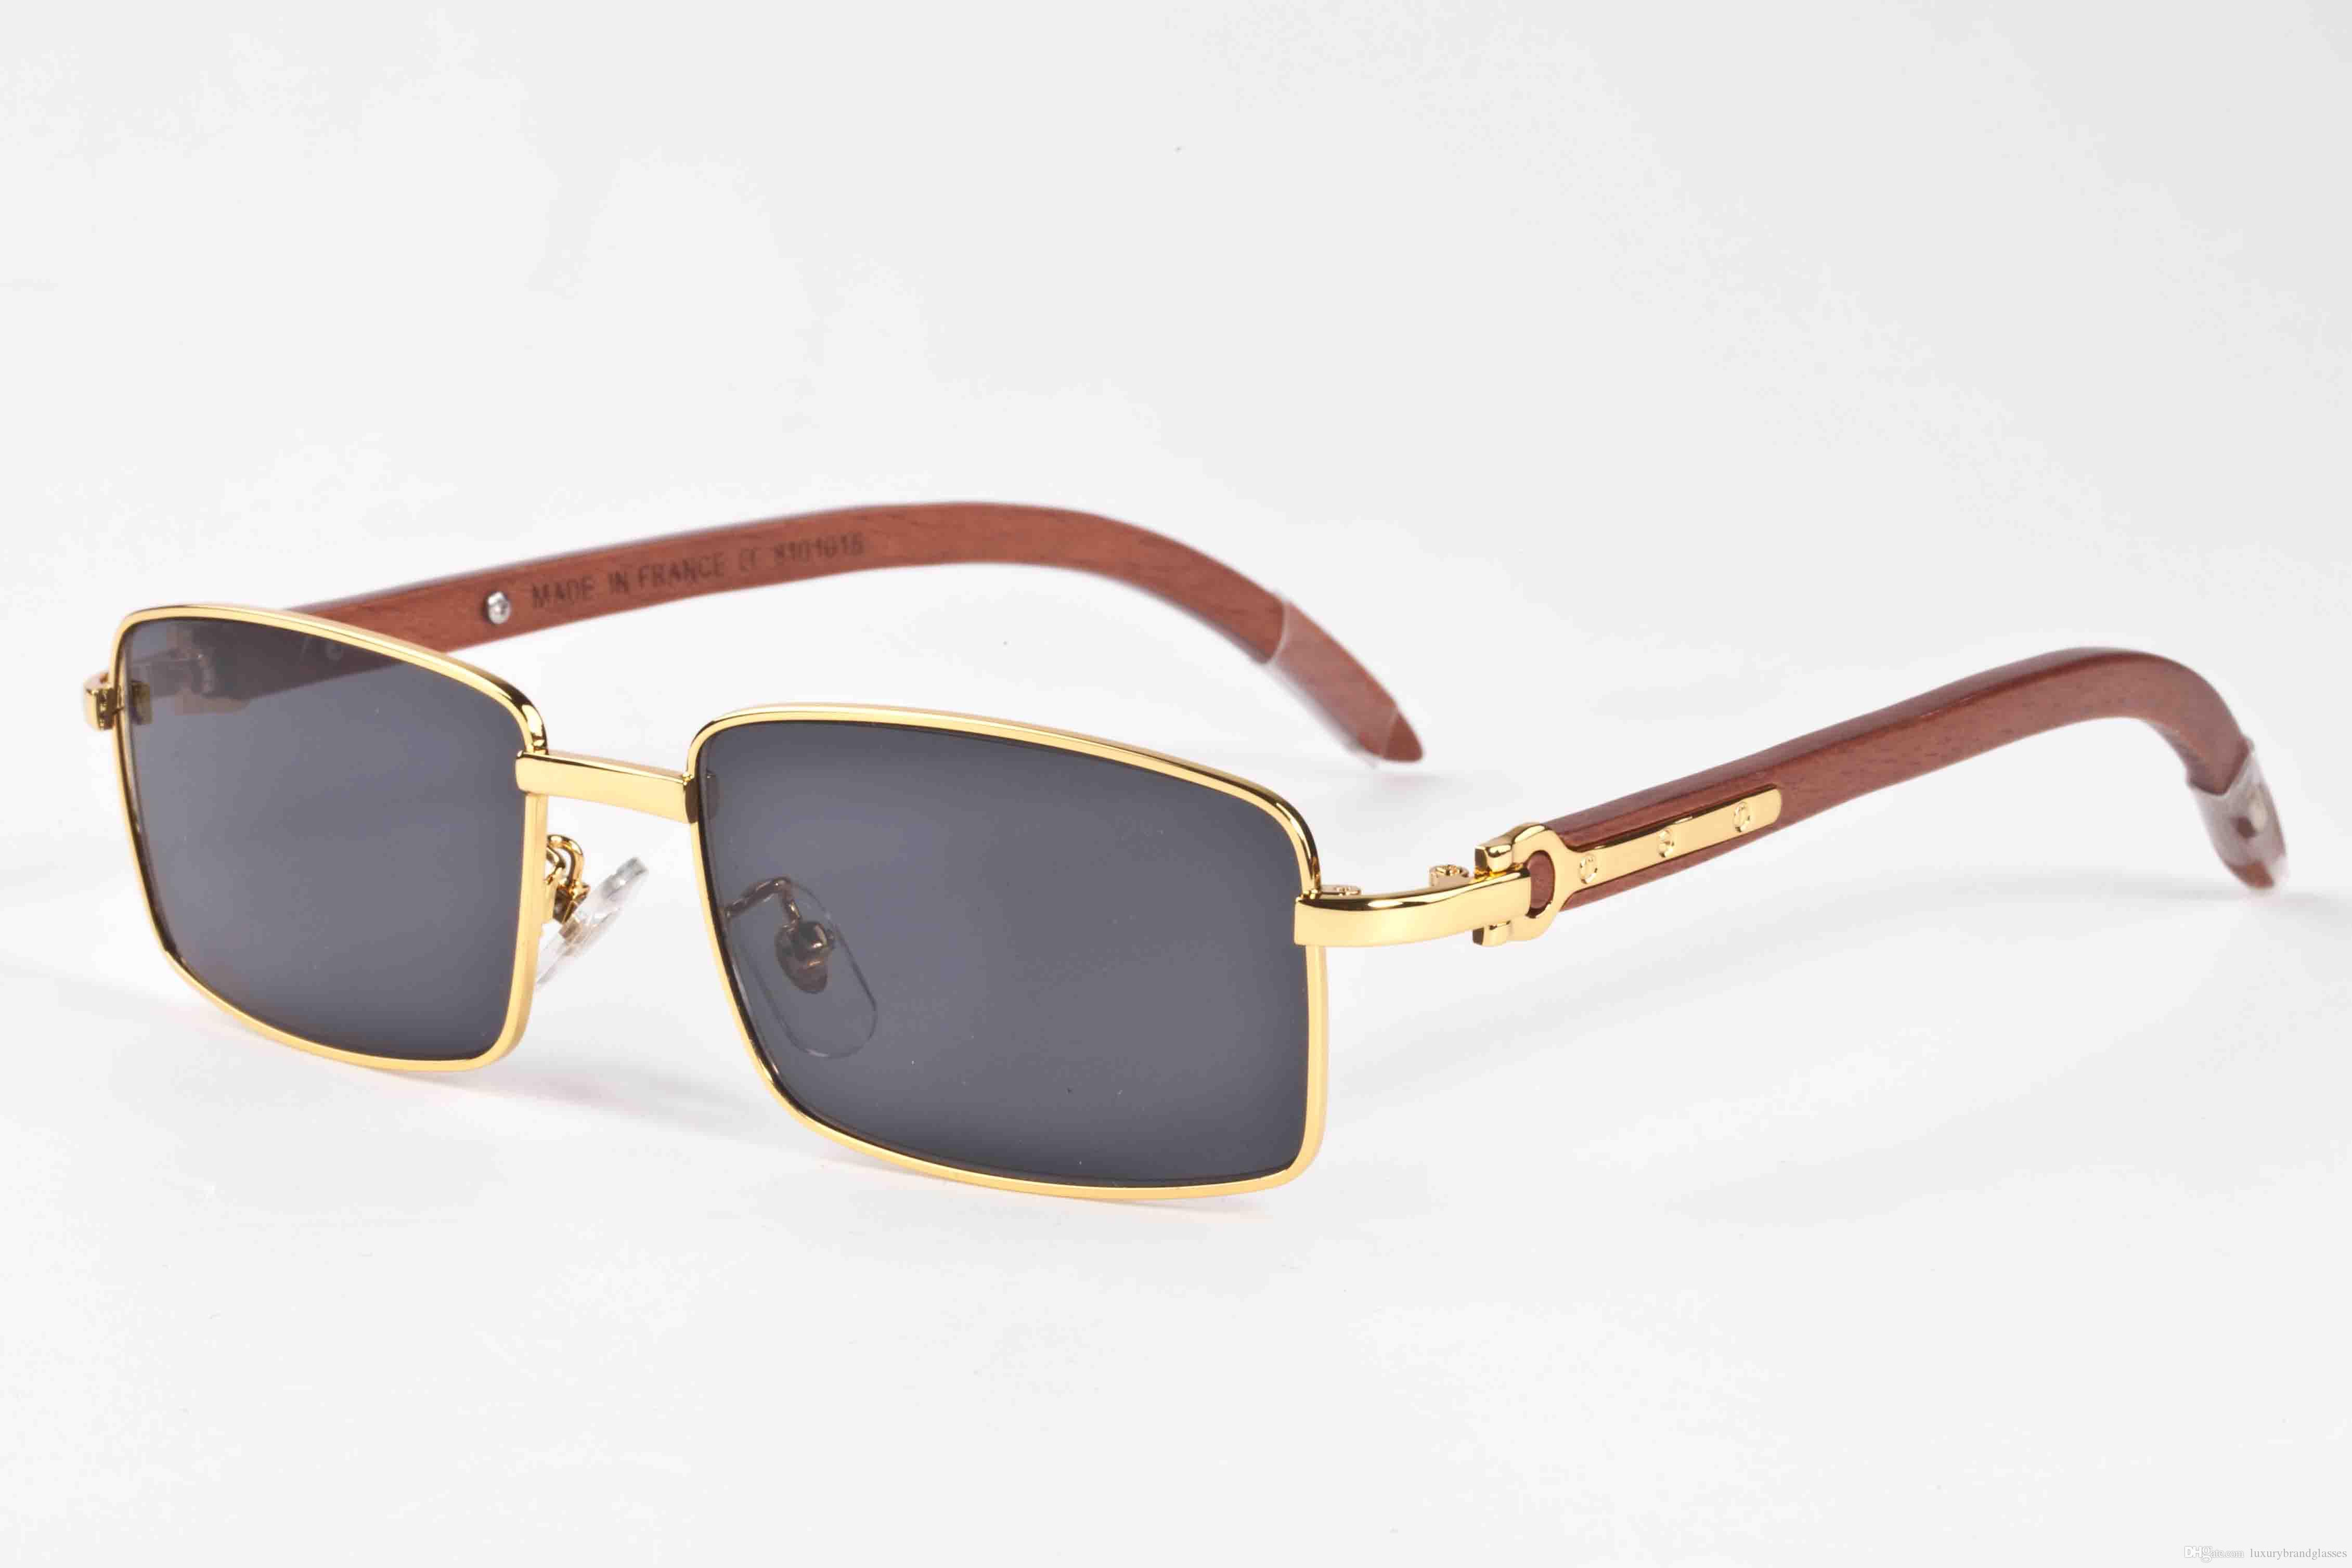 7b646d8699 2017 Vintage Designer Sunglasses Buffalo Horn Glasses For Womens Wooden  Sunglasses Half Frame Clear Rectangular Mirror Lens Eyeglasses Prescription  ...